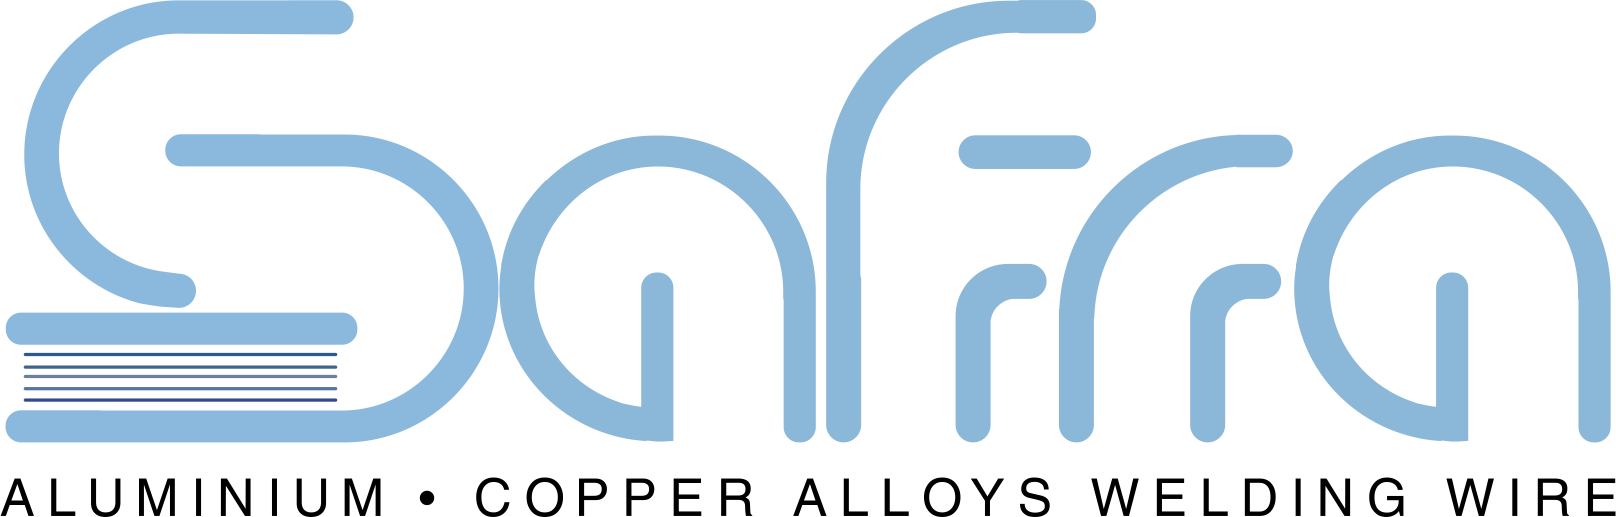 SAFRA VIỆT NAM – Cung cấp dây hàn nhôm & đồng